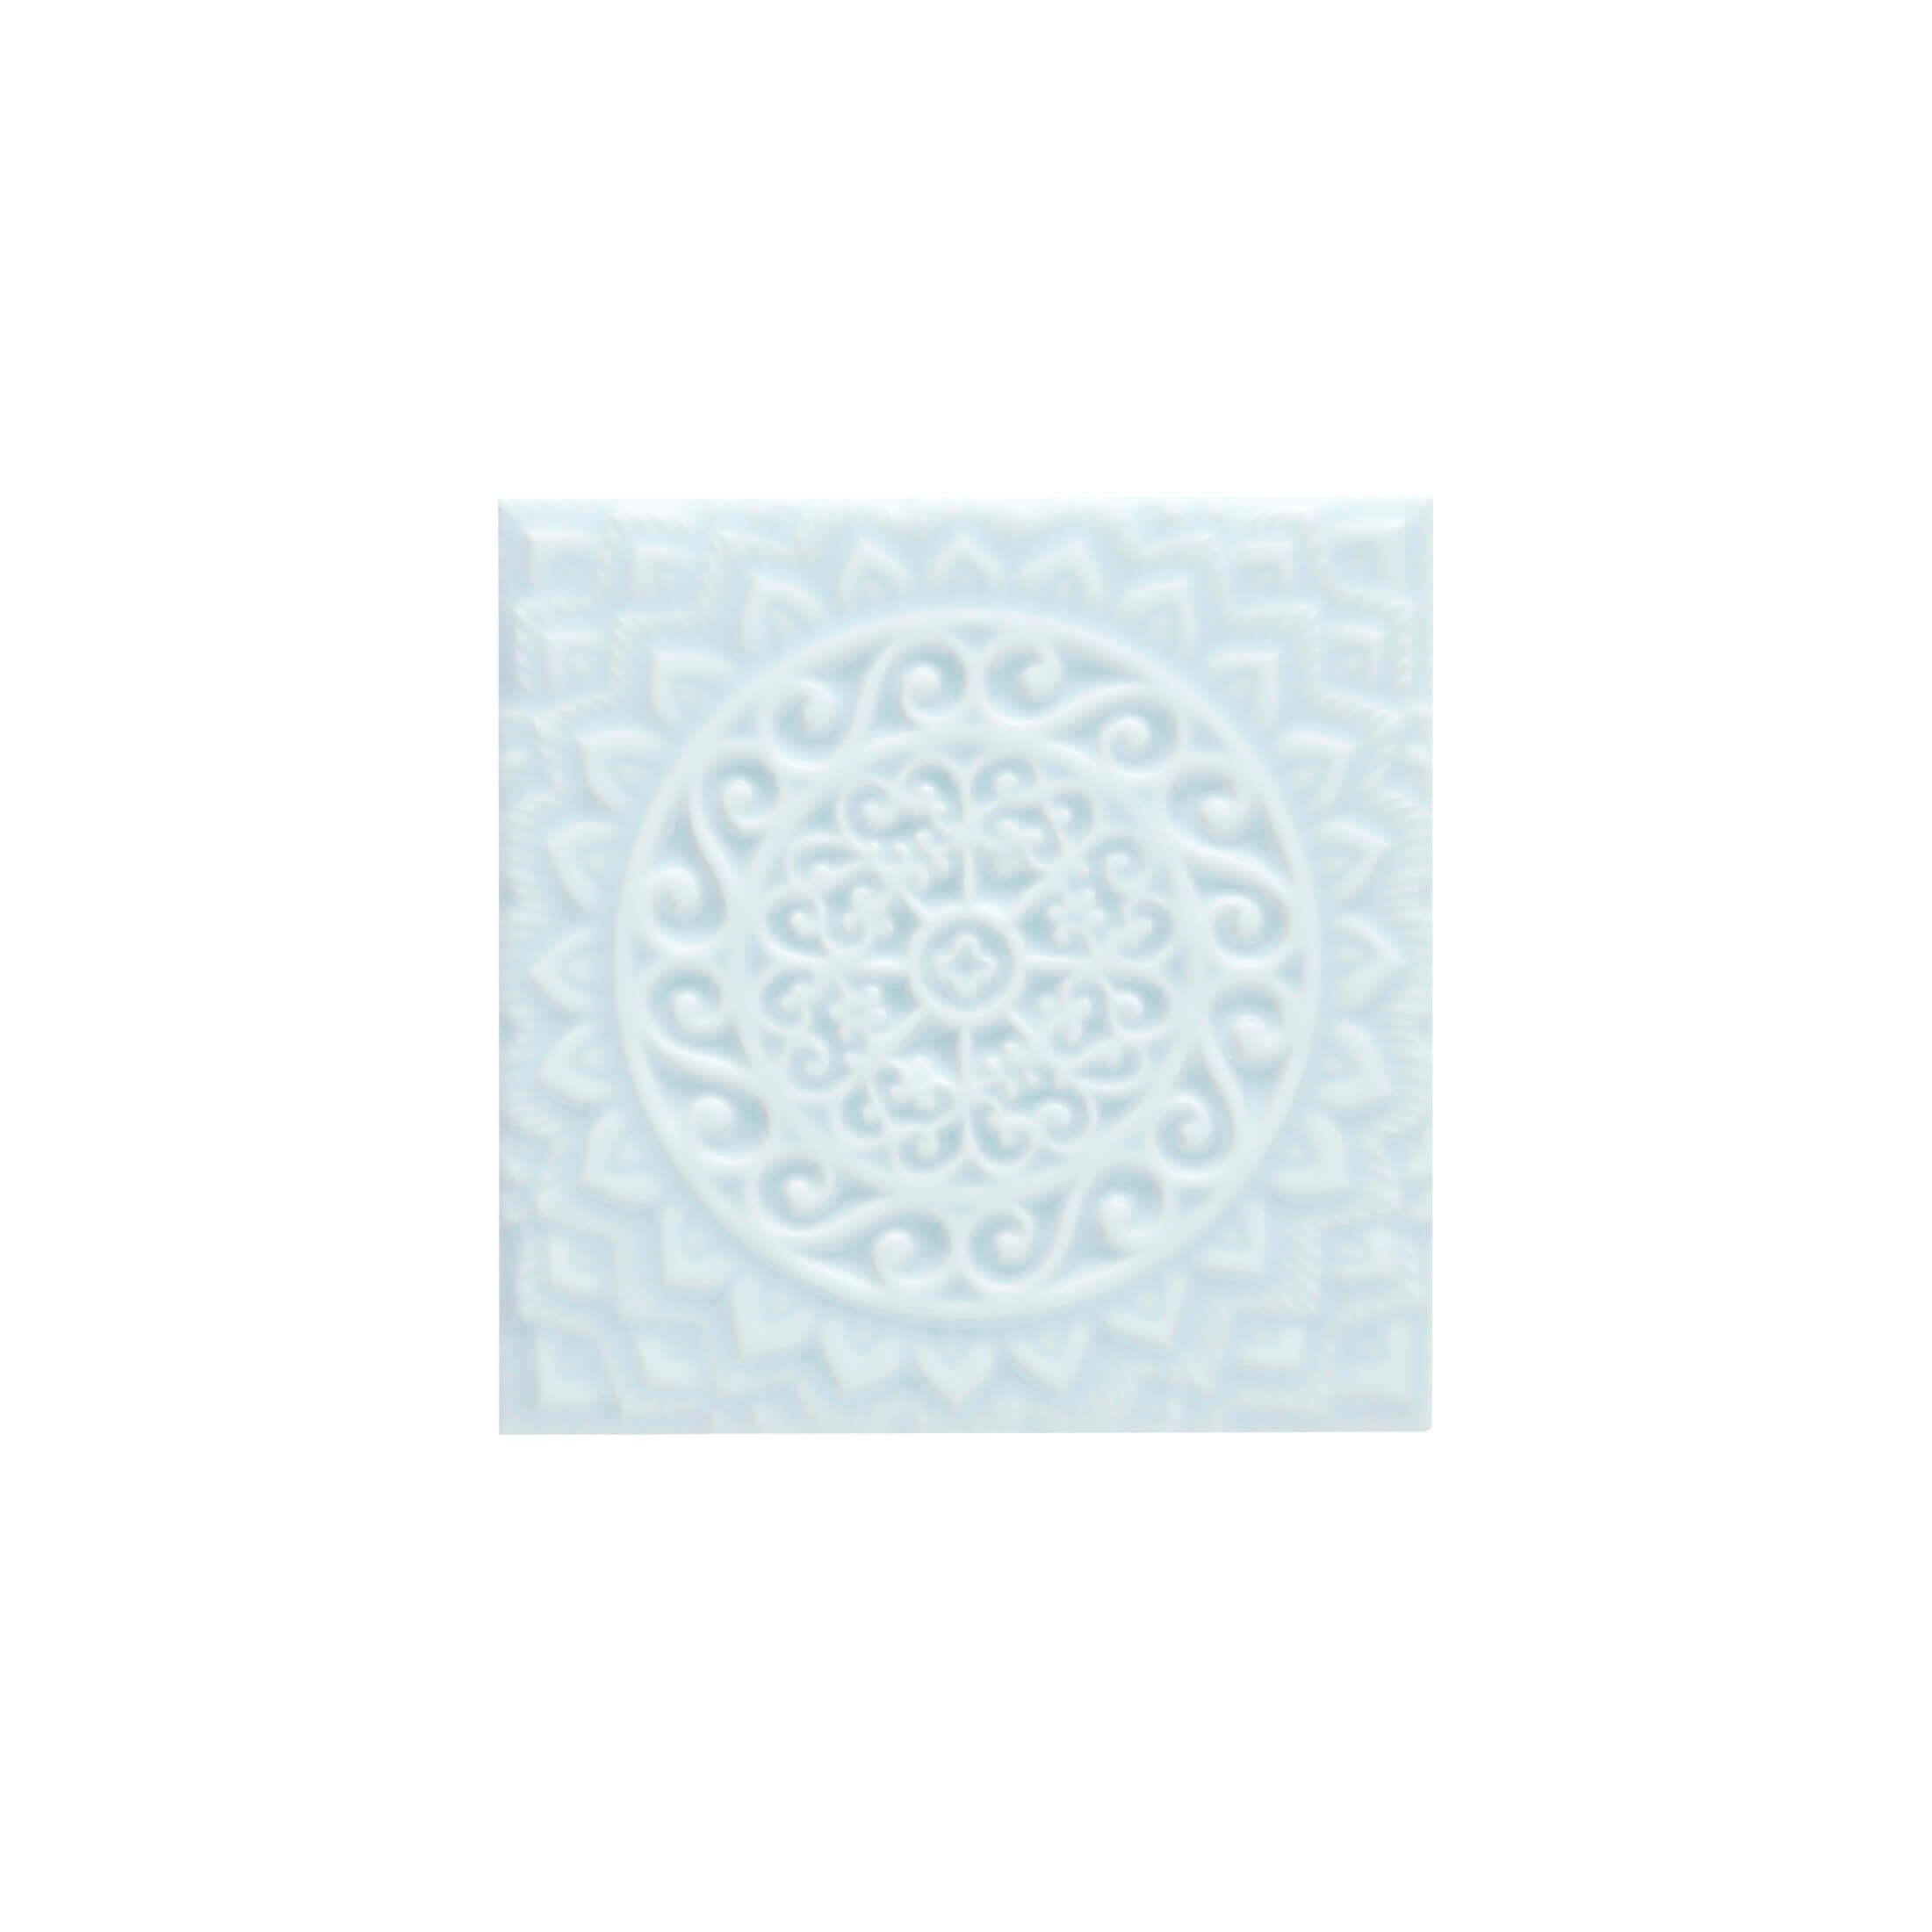 ADST4102 - RELIEVE MANDALA UNIVERSE - 14.8 cm X 14.8 cm